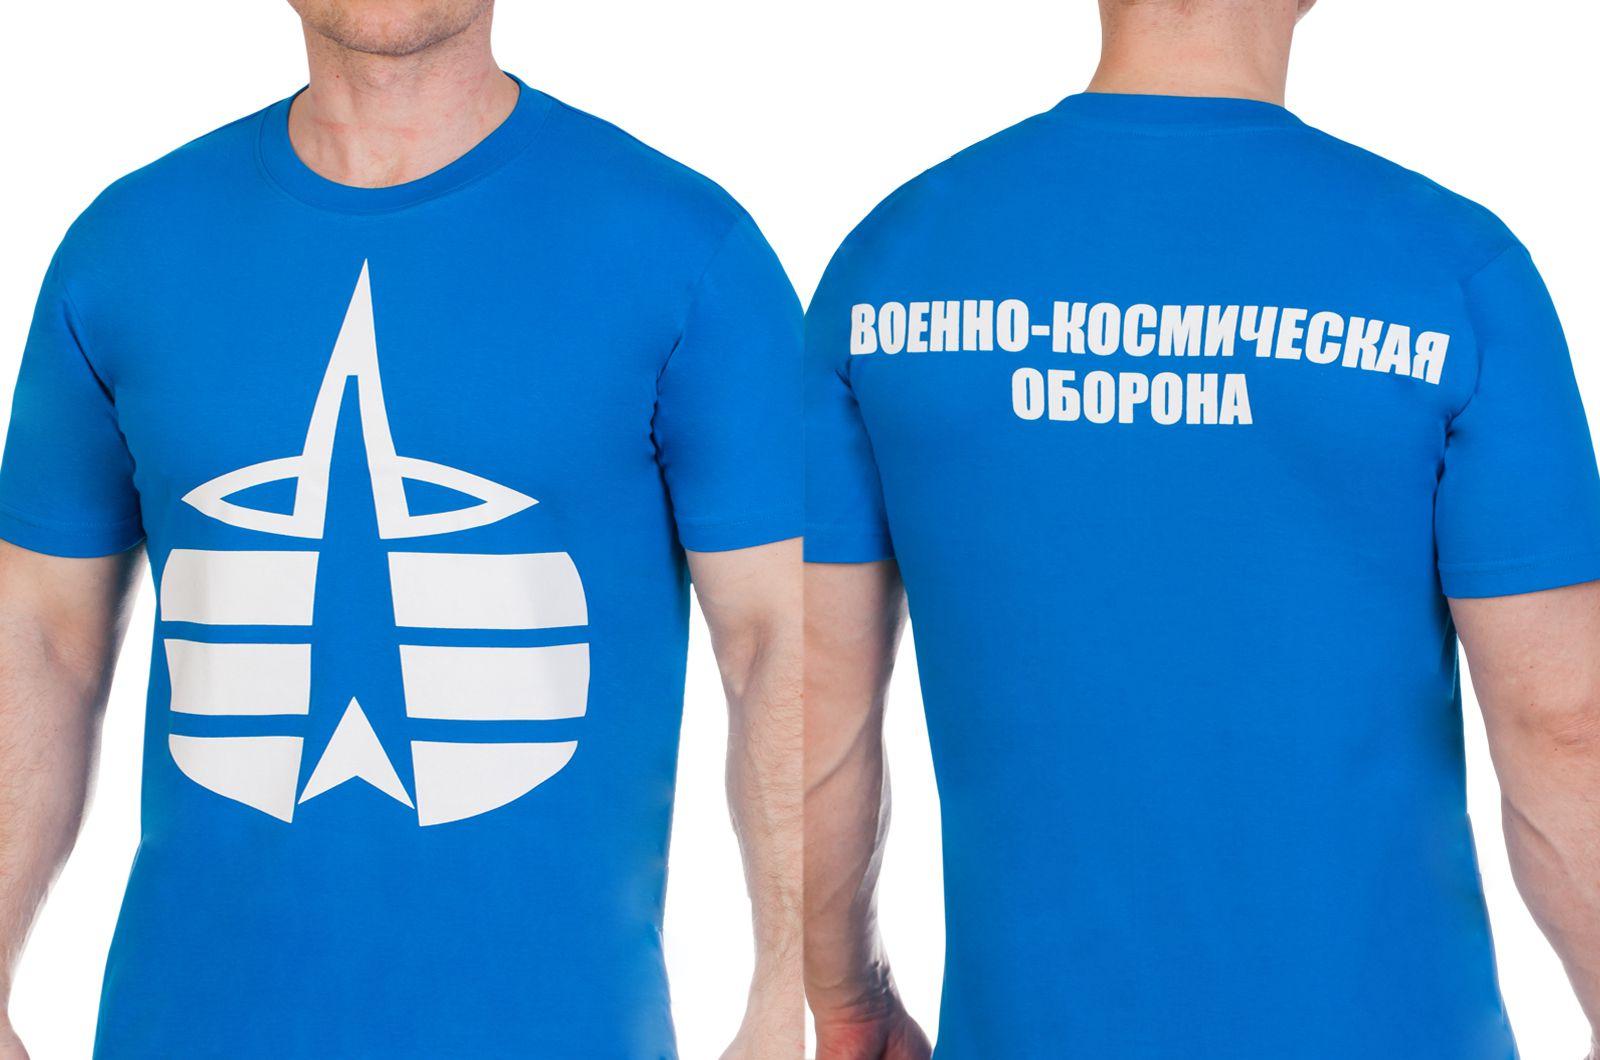 Заказать футболки «Воздушно-космическая оборона»